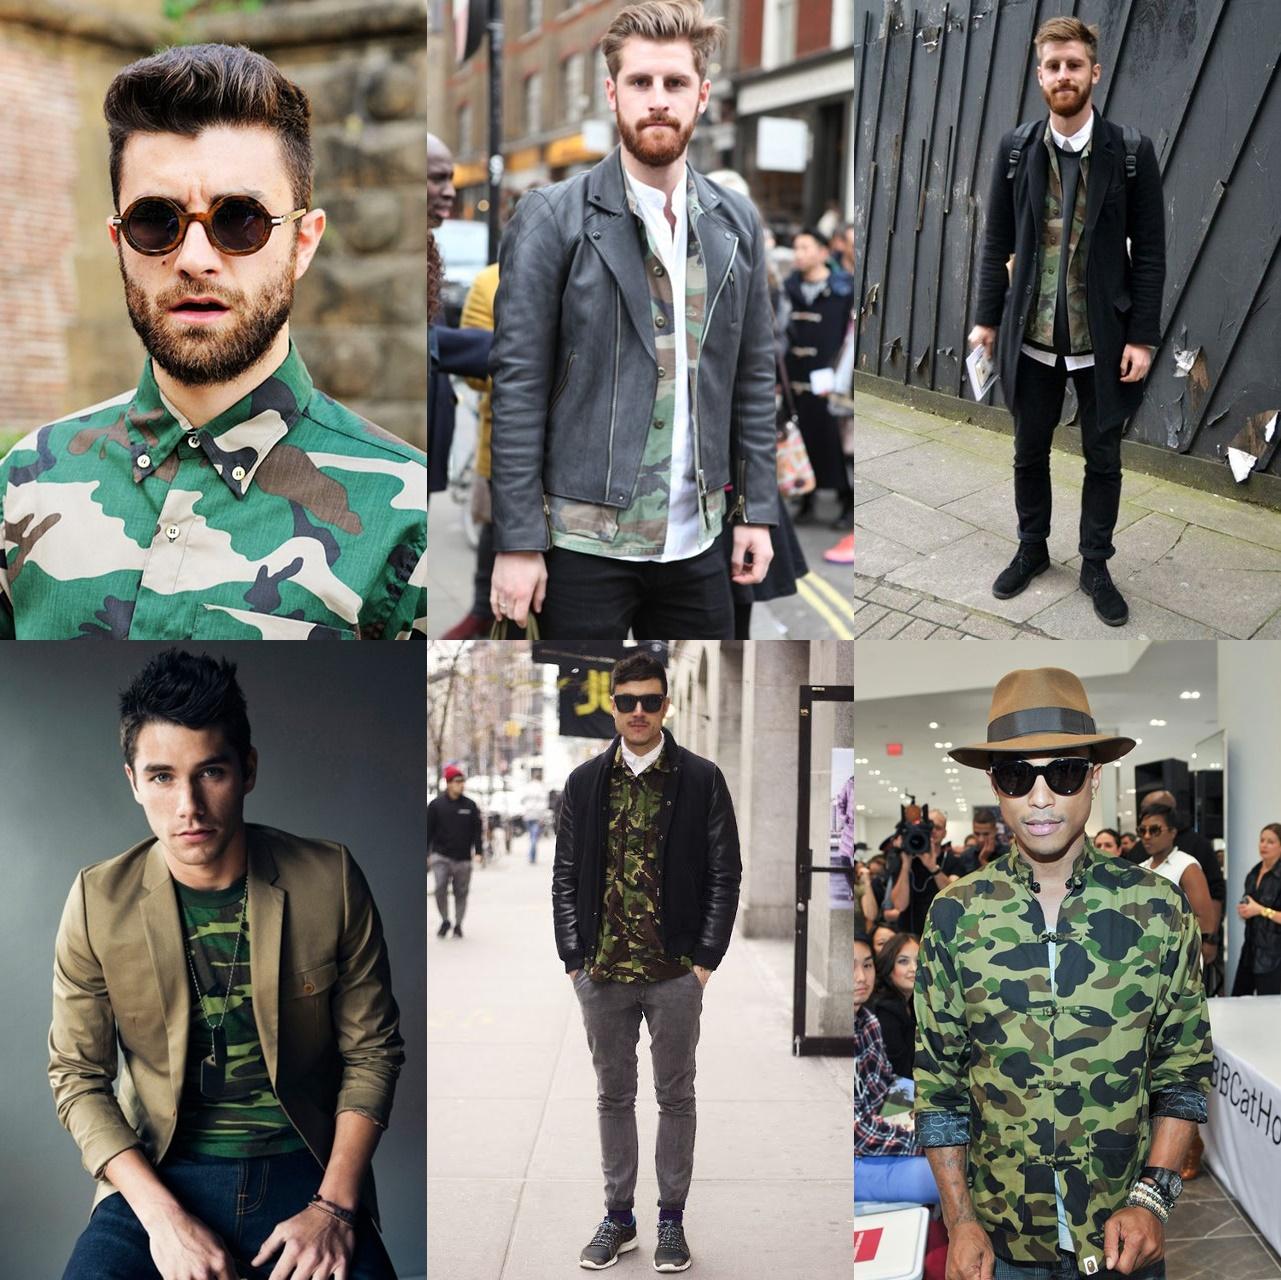 89a3b604aa8 Estampa camuflada para homens de todos os estilos - MODA SEM CENSURA ...